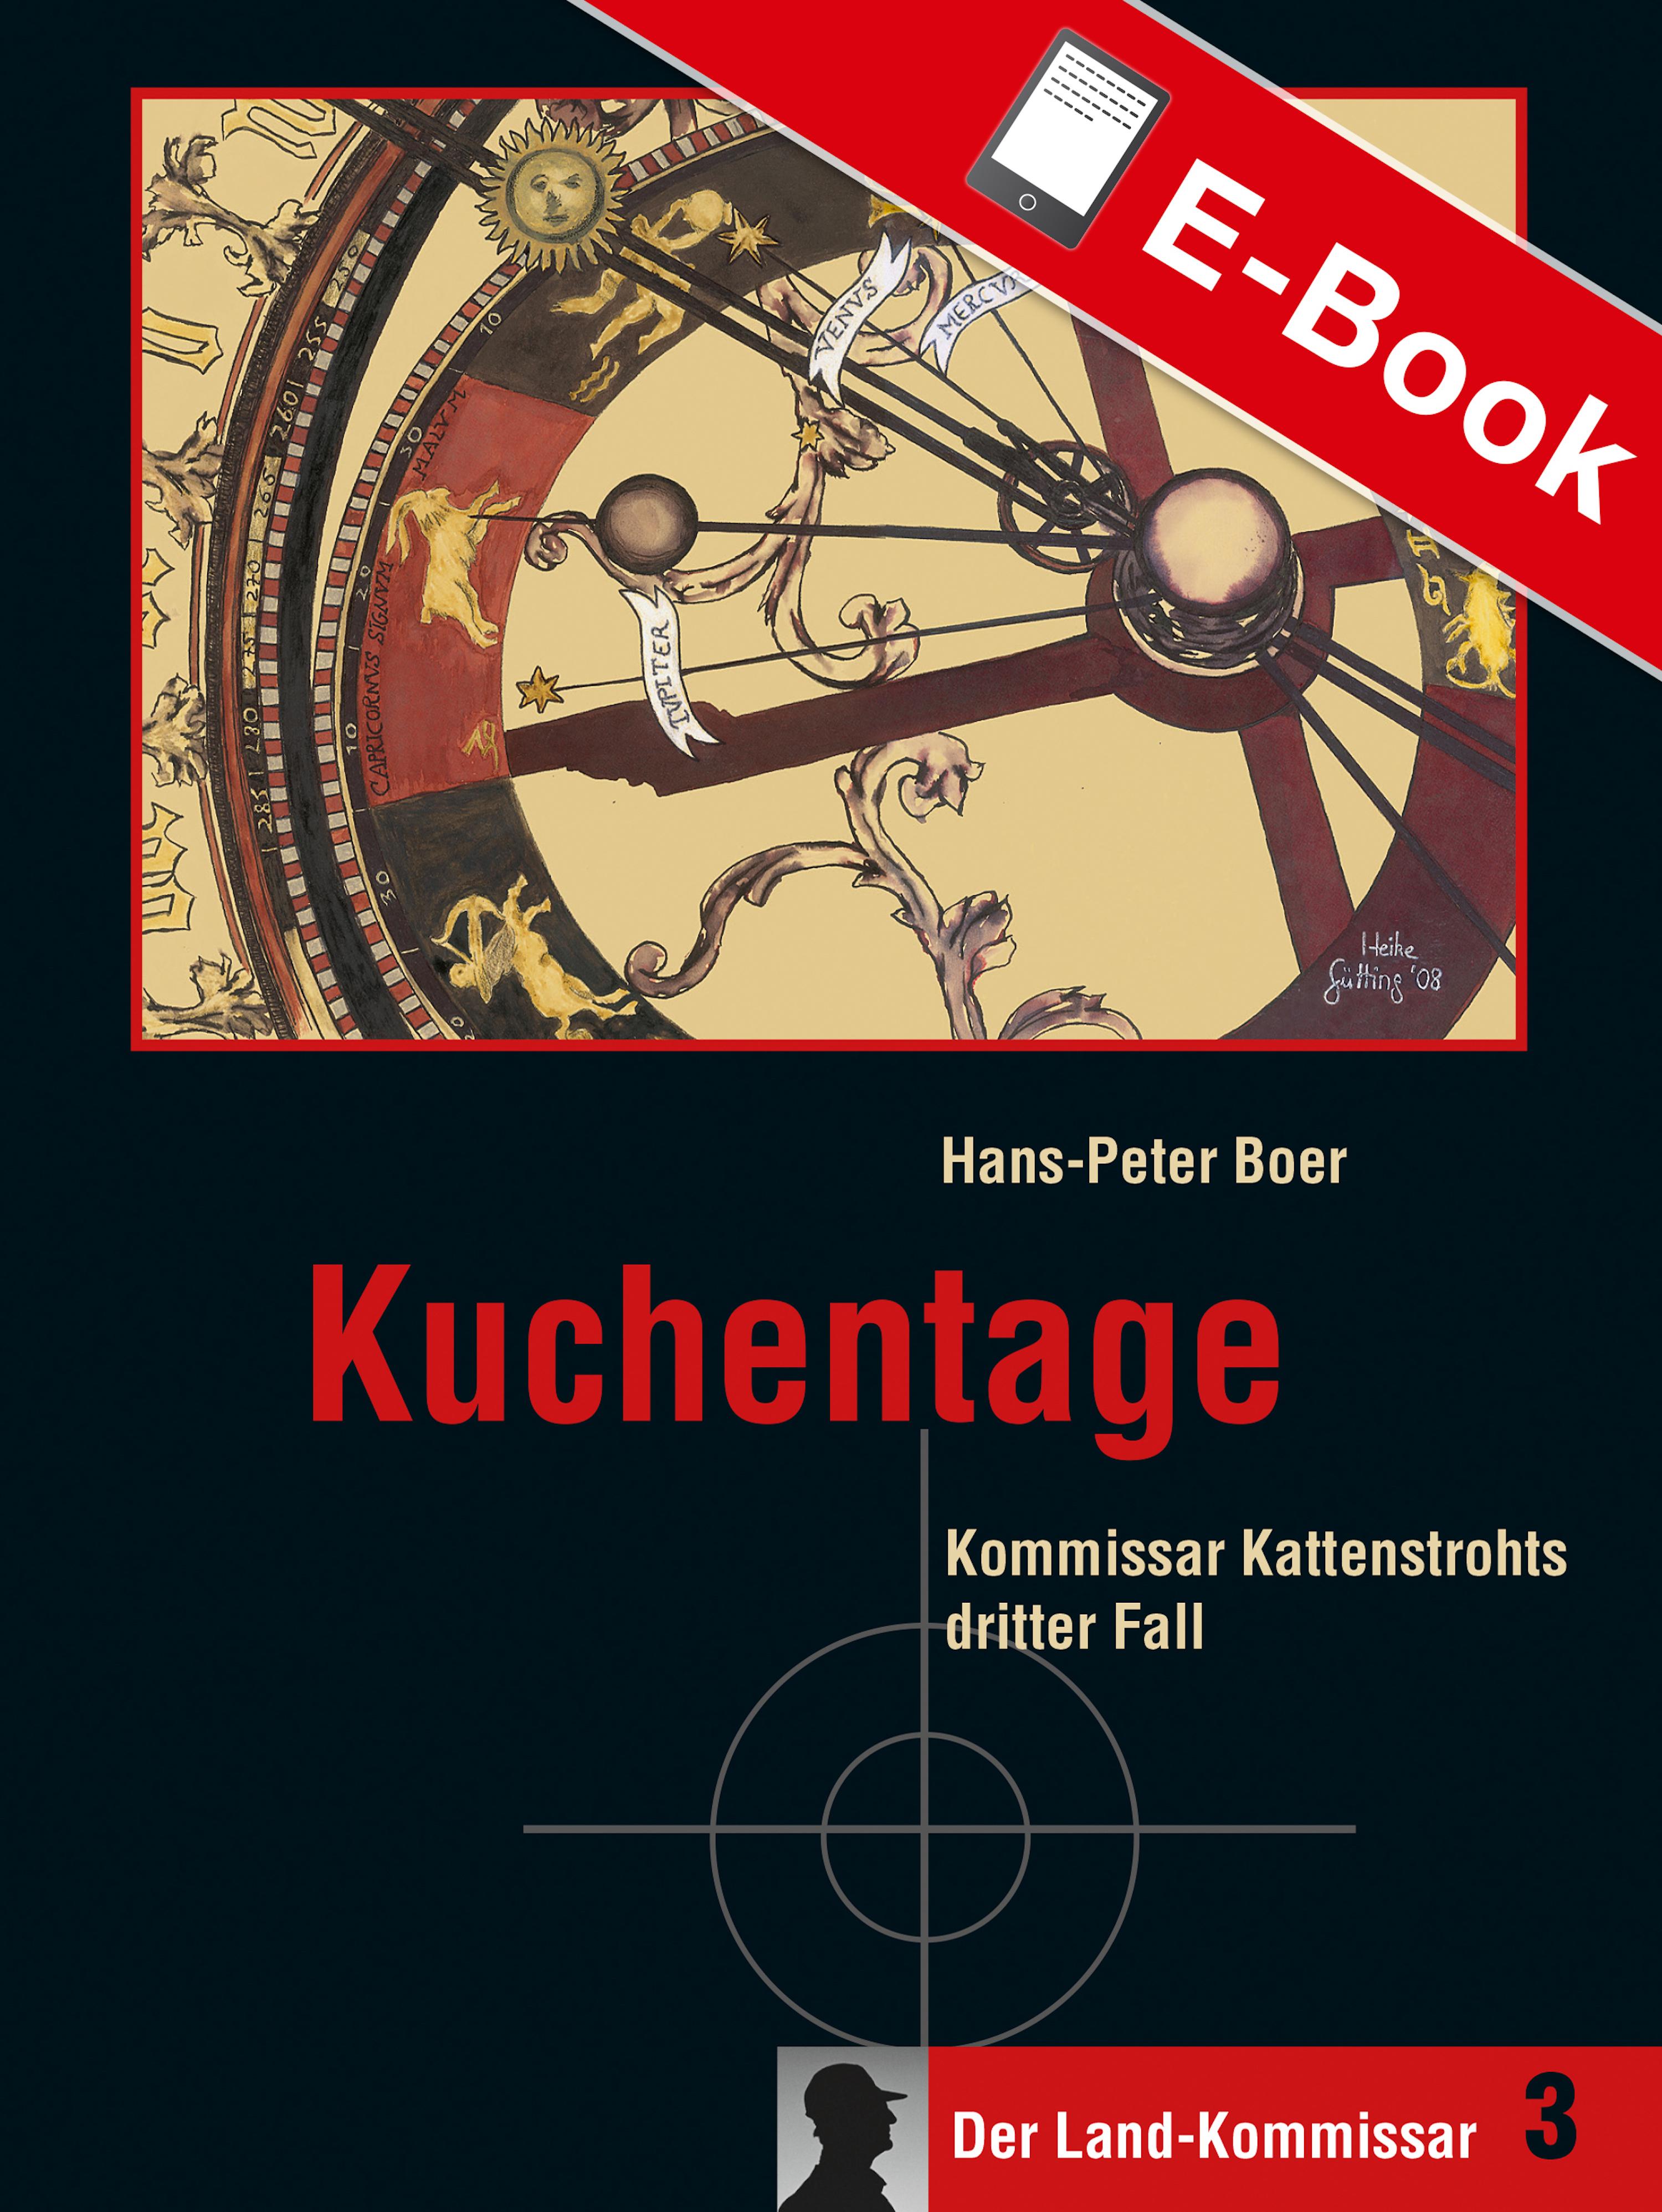 Hans-Peter Boer Kuchentage hans peter holst den lille hornblaeser et digt danish edition